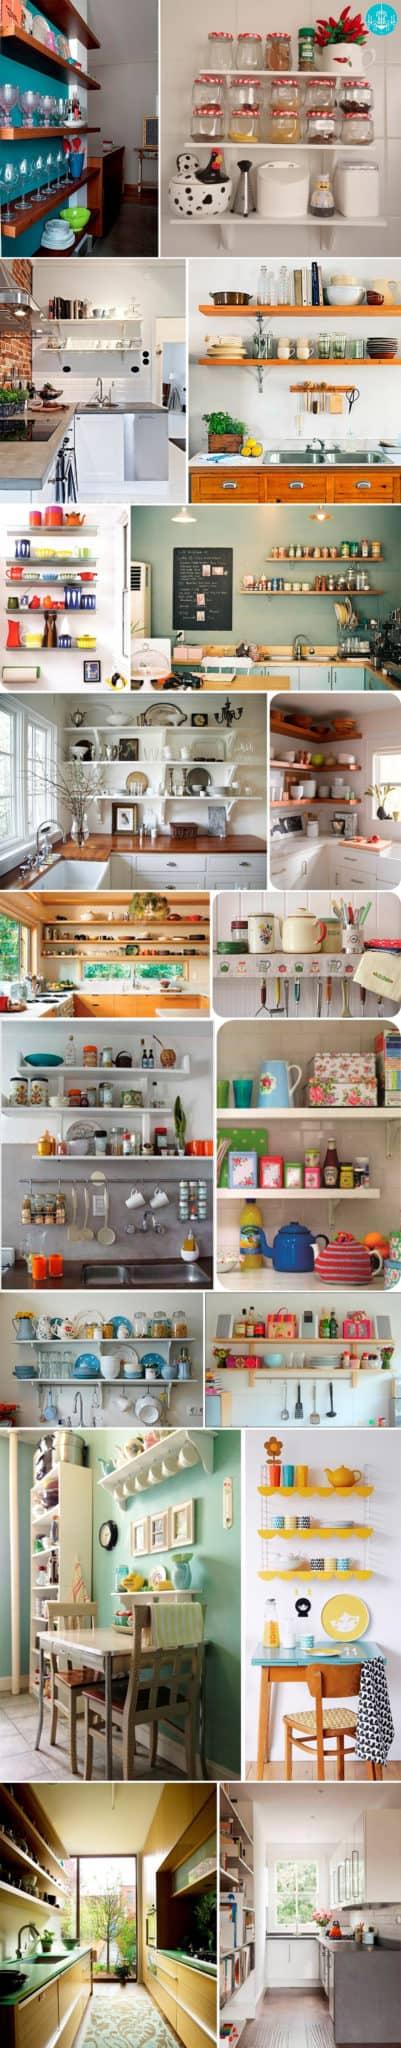 11 Solu Es Para Decorar Cozinha Estreita Decorar Com Charme